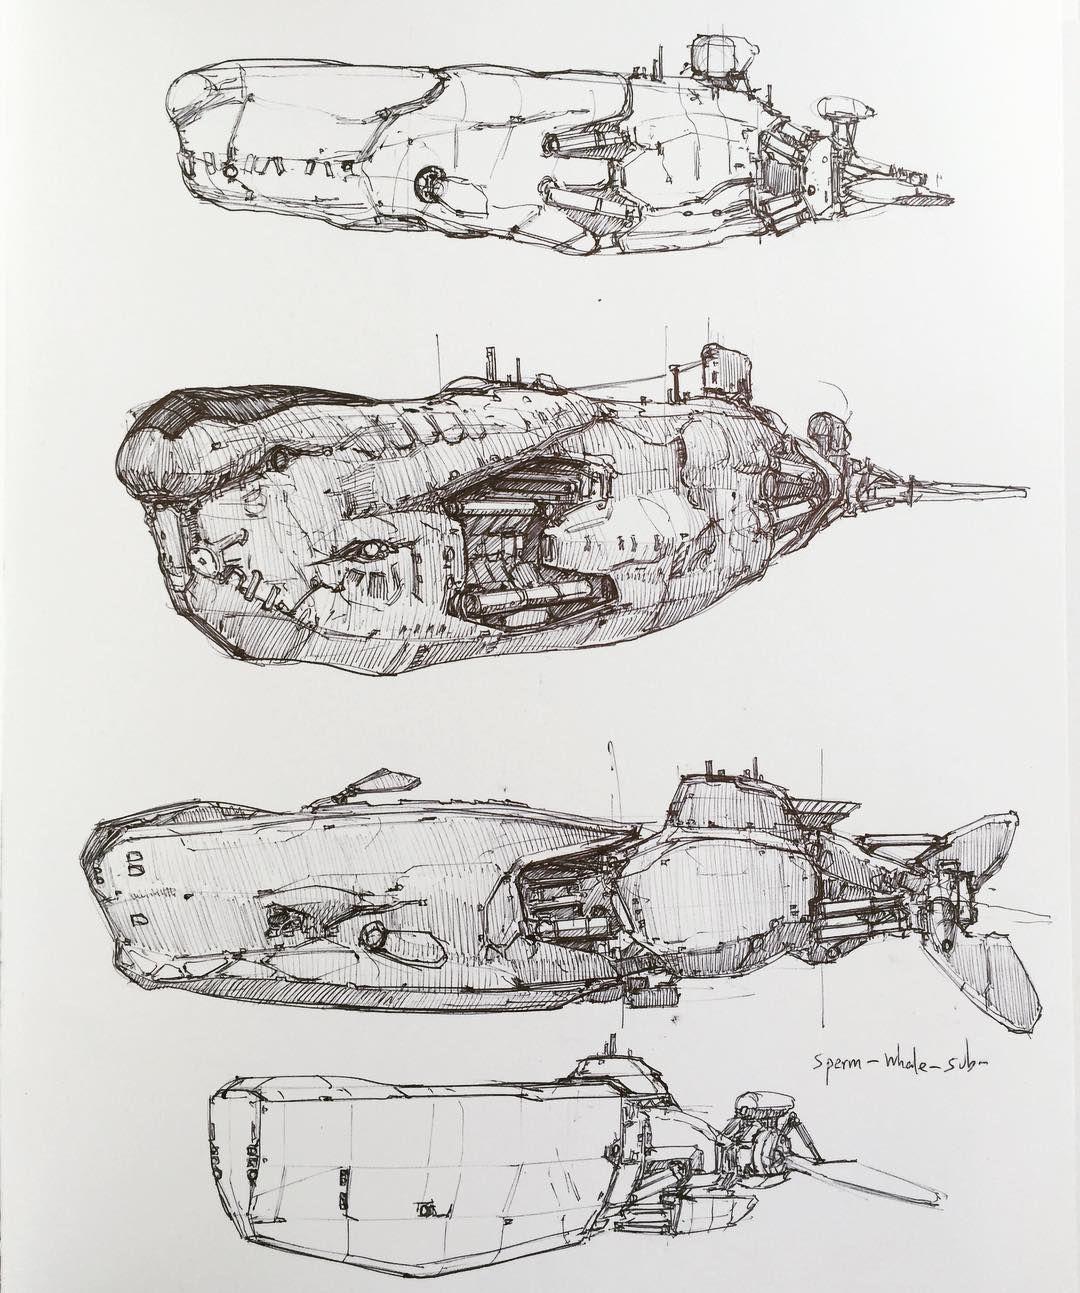 """Longque  Chen on Instagram: """"#submarine #artcentercollegeofdesign #heavyequipment #artwork #art #whales #organicmech #mech #conceptdesign #linework #ballpen #animal…"""""""